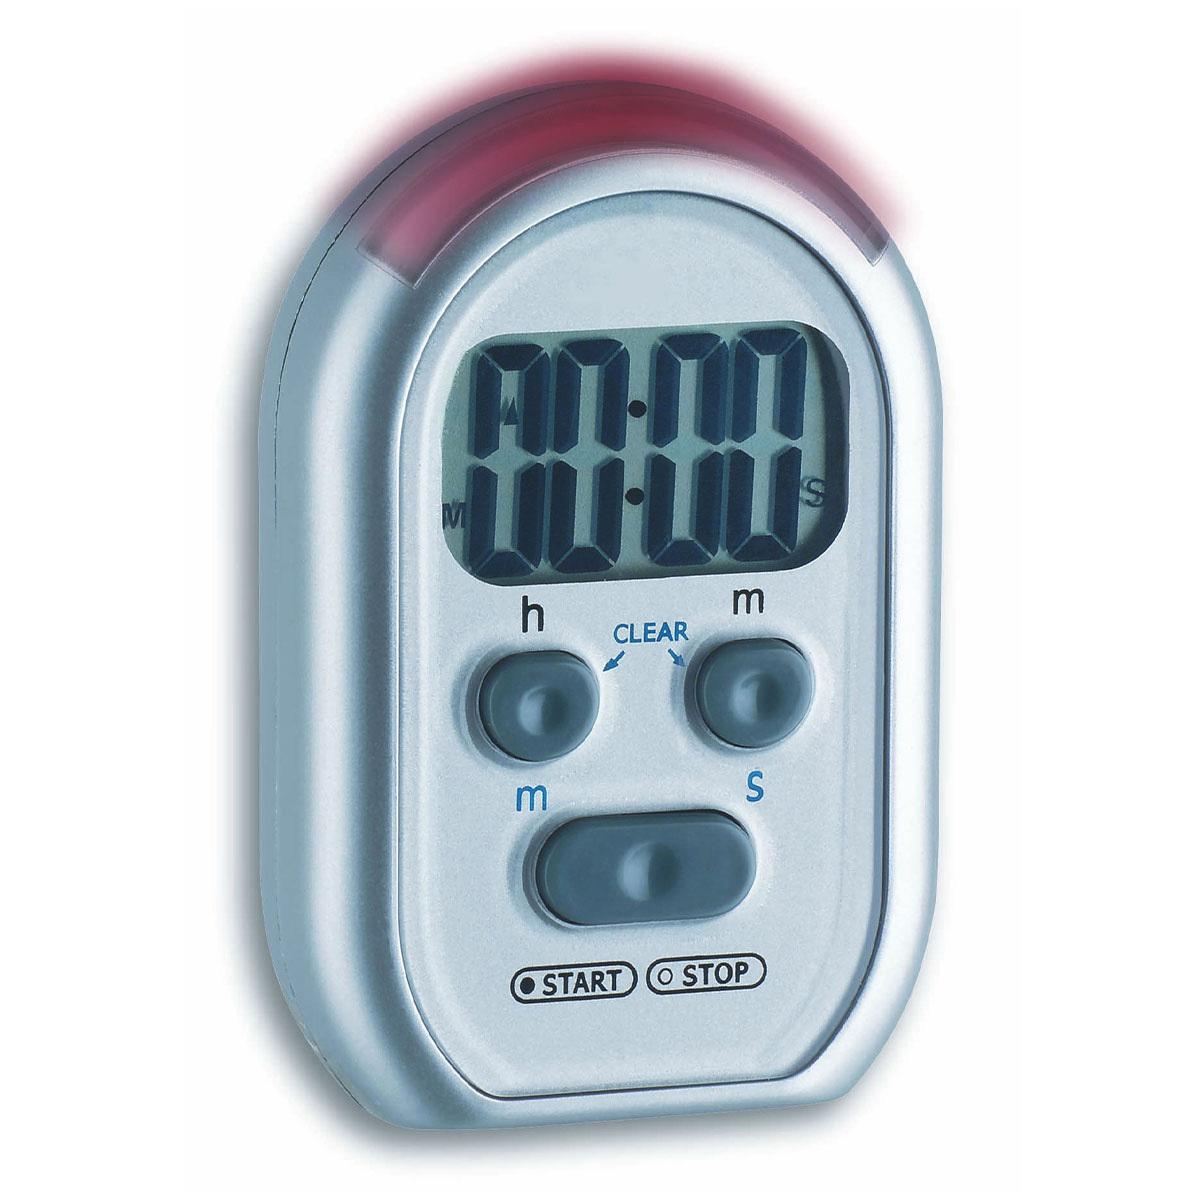 38-2019-digitaler-timer-stoppuhr-shake-awake-beleuchtung-1200x1200px.jpg